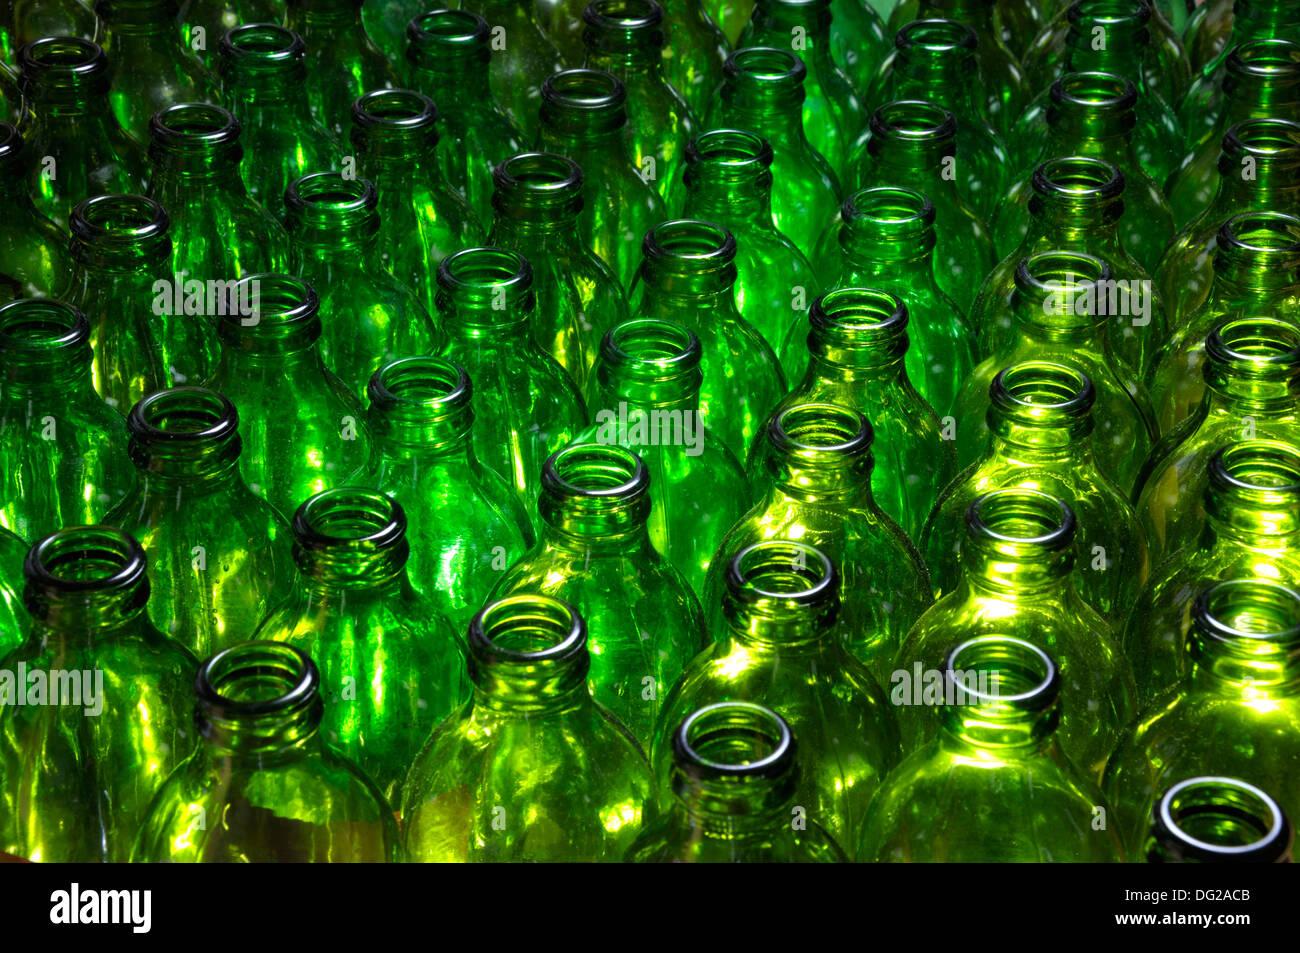 Vuoto verde bottiglie di birra Immagini Stock